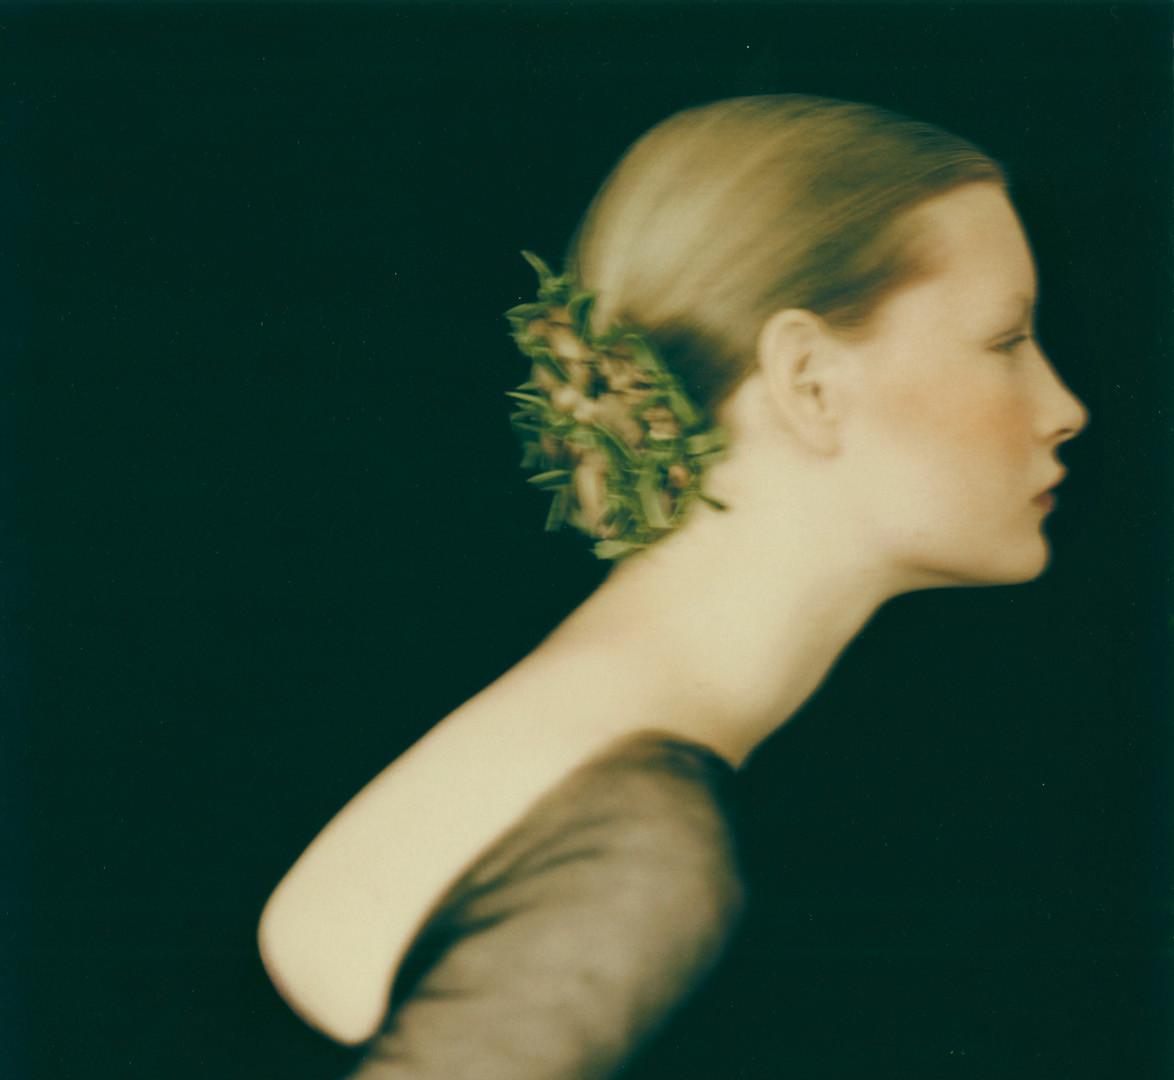 Paolo Roversi, Kirsten as Juliet nude, London, Studio 17, Brook Street, 1988